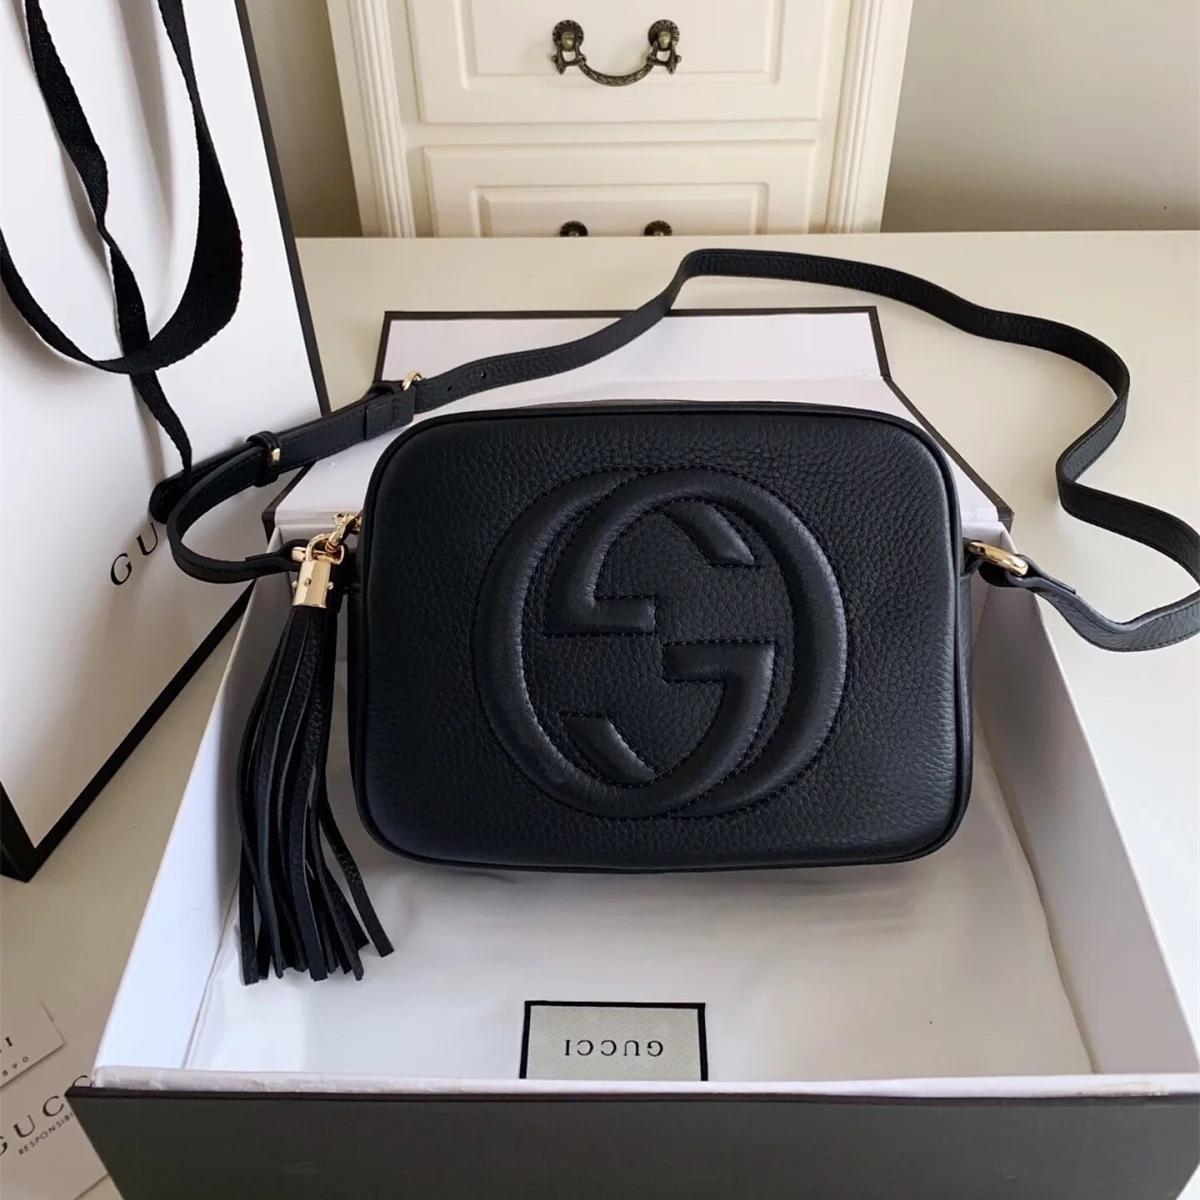 Designer bolsas SOHO DISCO Bag Genuine borla couro zipper Bolsas de ombro mulheres saco Crossbody Designer bolsa 308364 A2